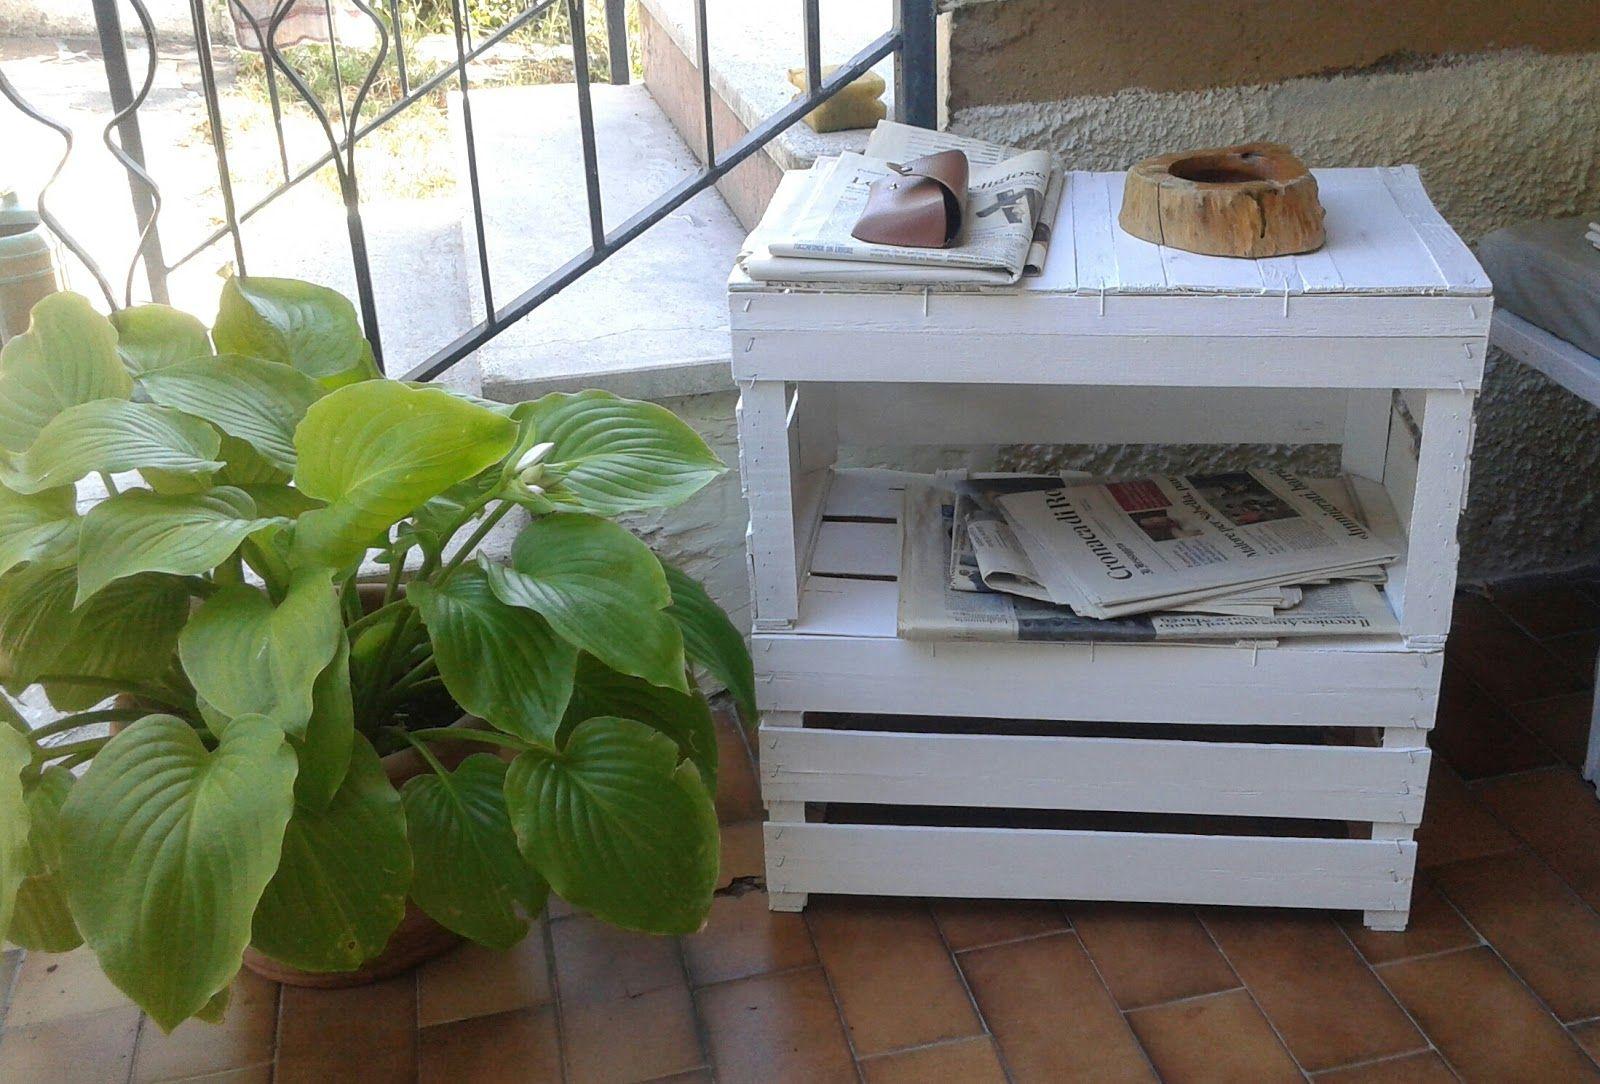 Centomilaidee tavolino con cassette per la frutta decorazioni